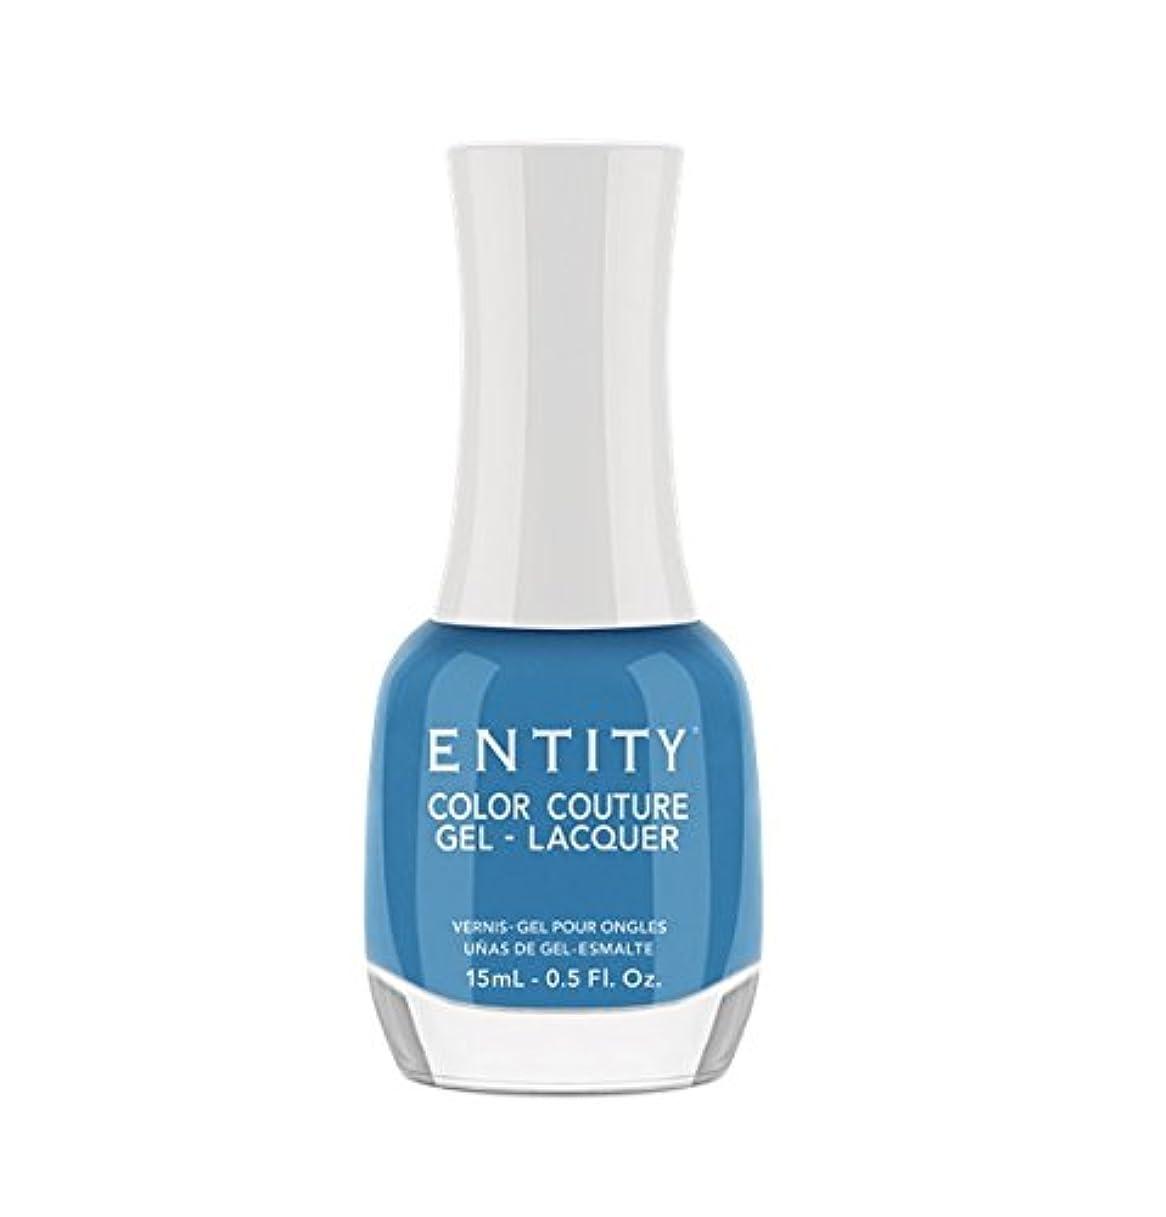 パントリーピン執着Entity Color Couture Gel-Lacquer - Flaunt Your Fashion - 15 ml/0.5 oz